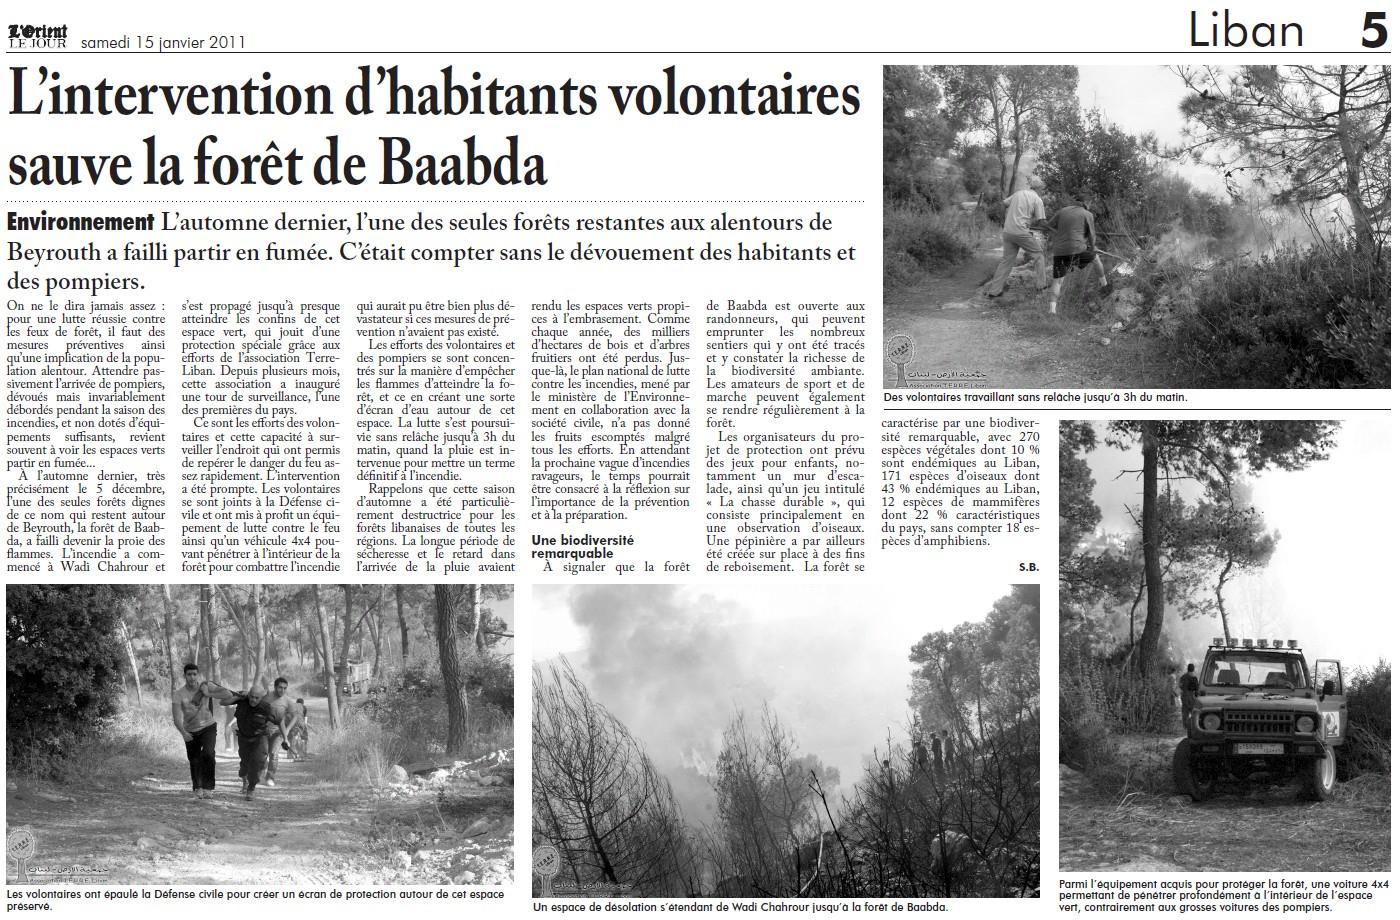 L'intervention d'habitants volontaires sauve la forêt de Baabda!